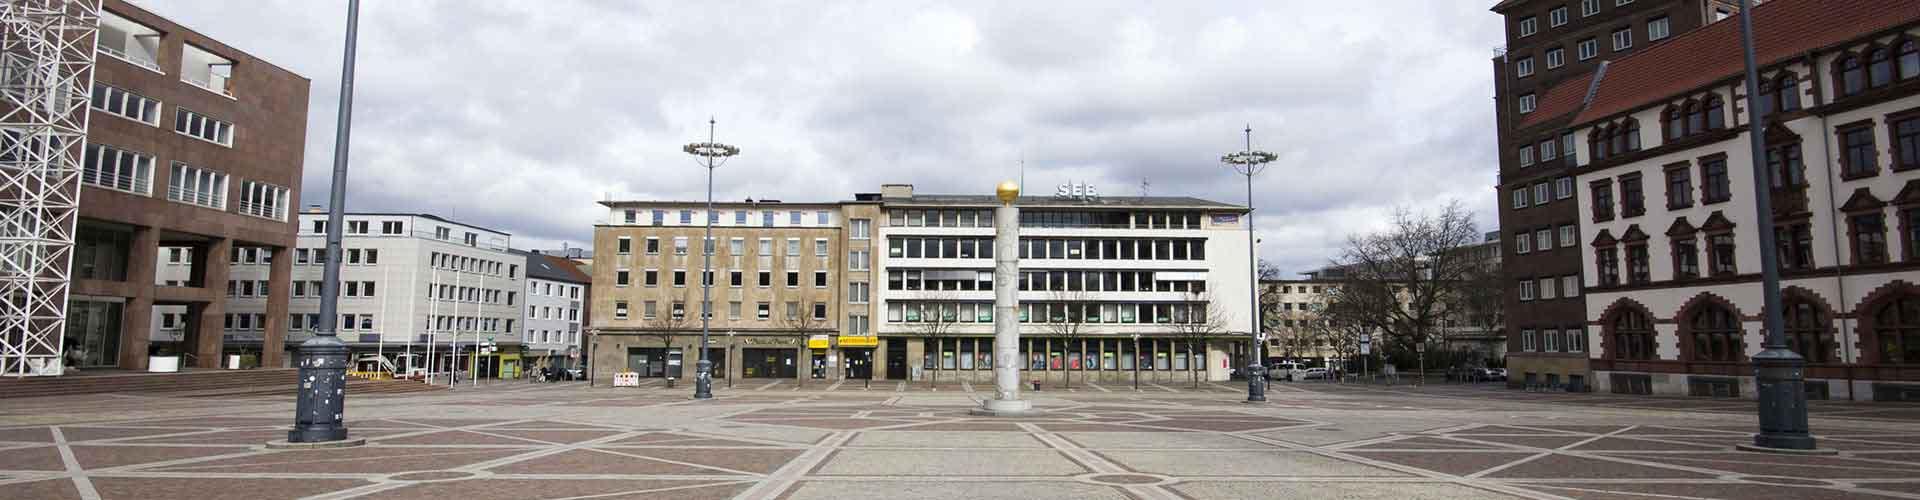 Dortmund - Auberges de jeunesse à Dortmund. Cartes pour Dortmund, photos et commentaires pour chaque auberge de jeunesse à Dortmund.